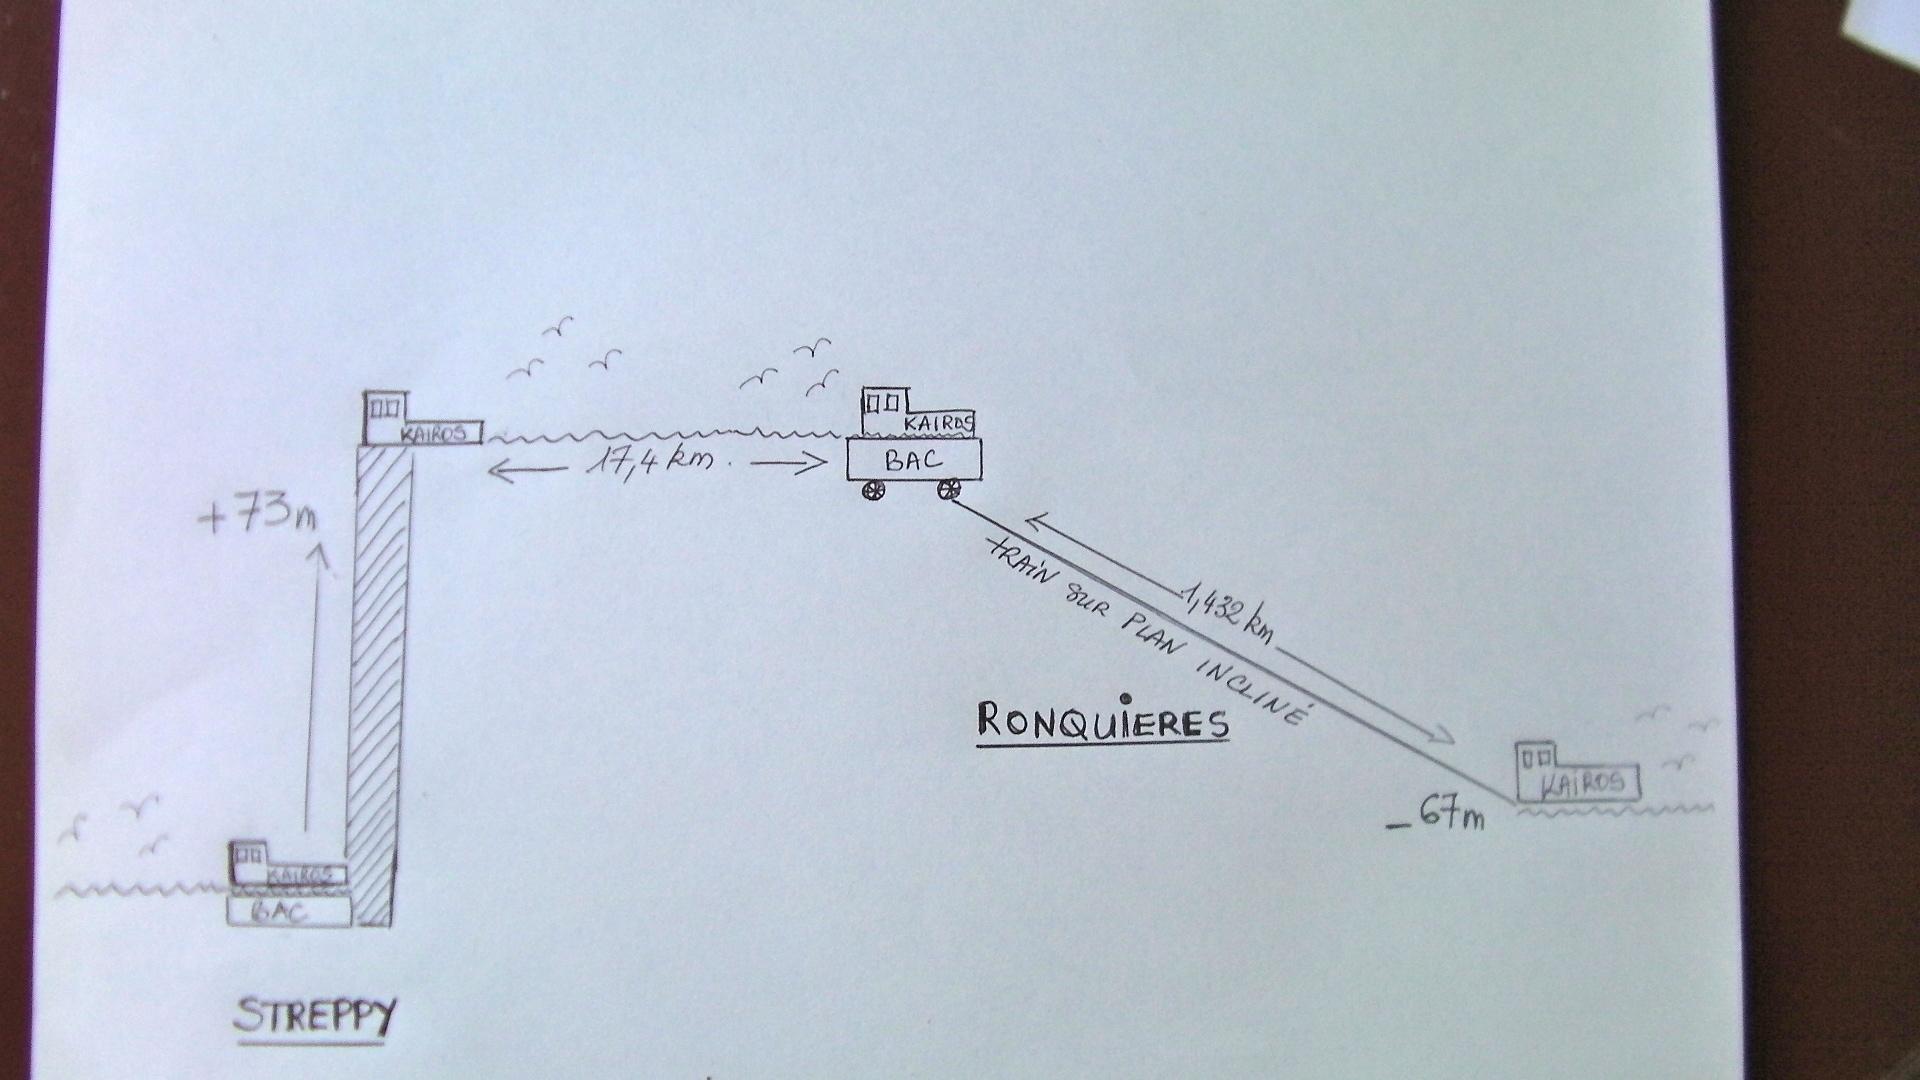 Le plan inclin de ronqui res kairos peniche - Plan incline avec ceinture de maintien ...